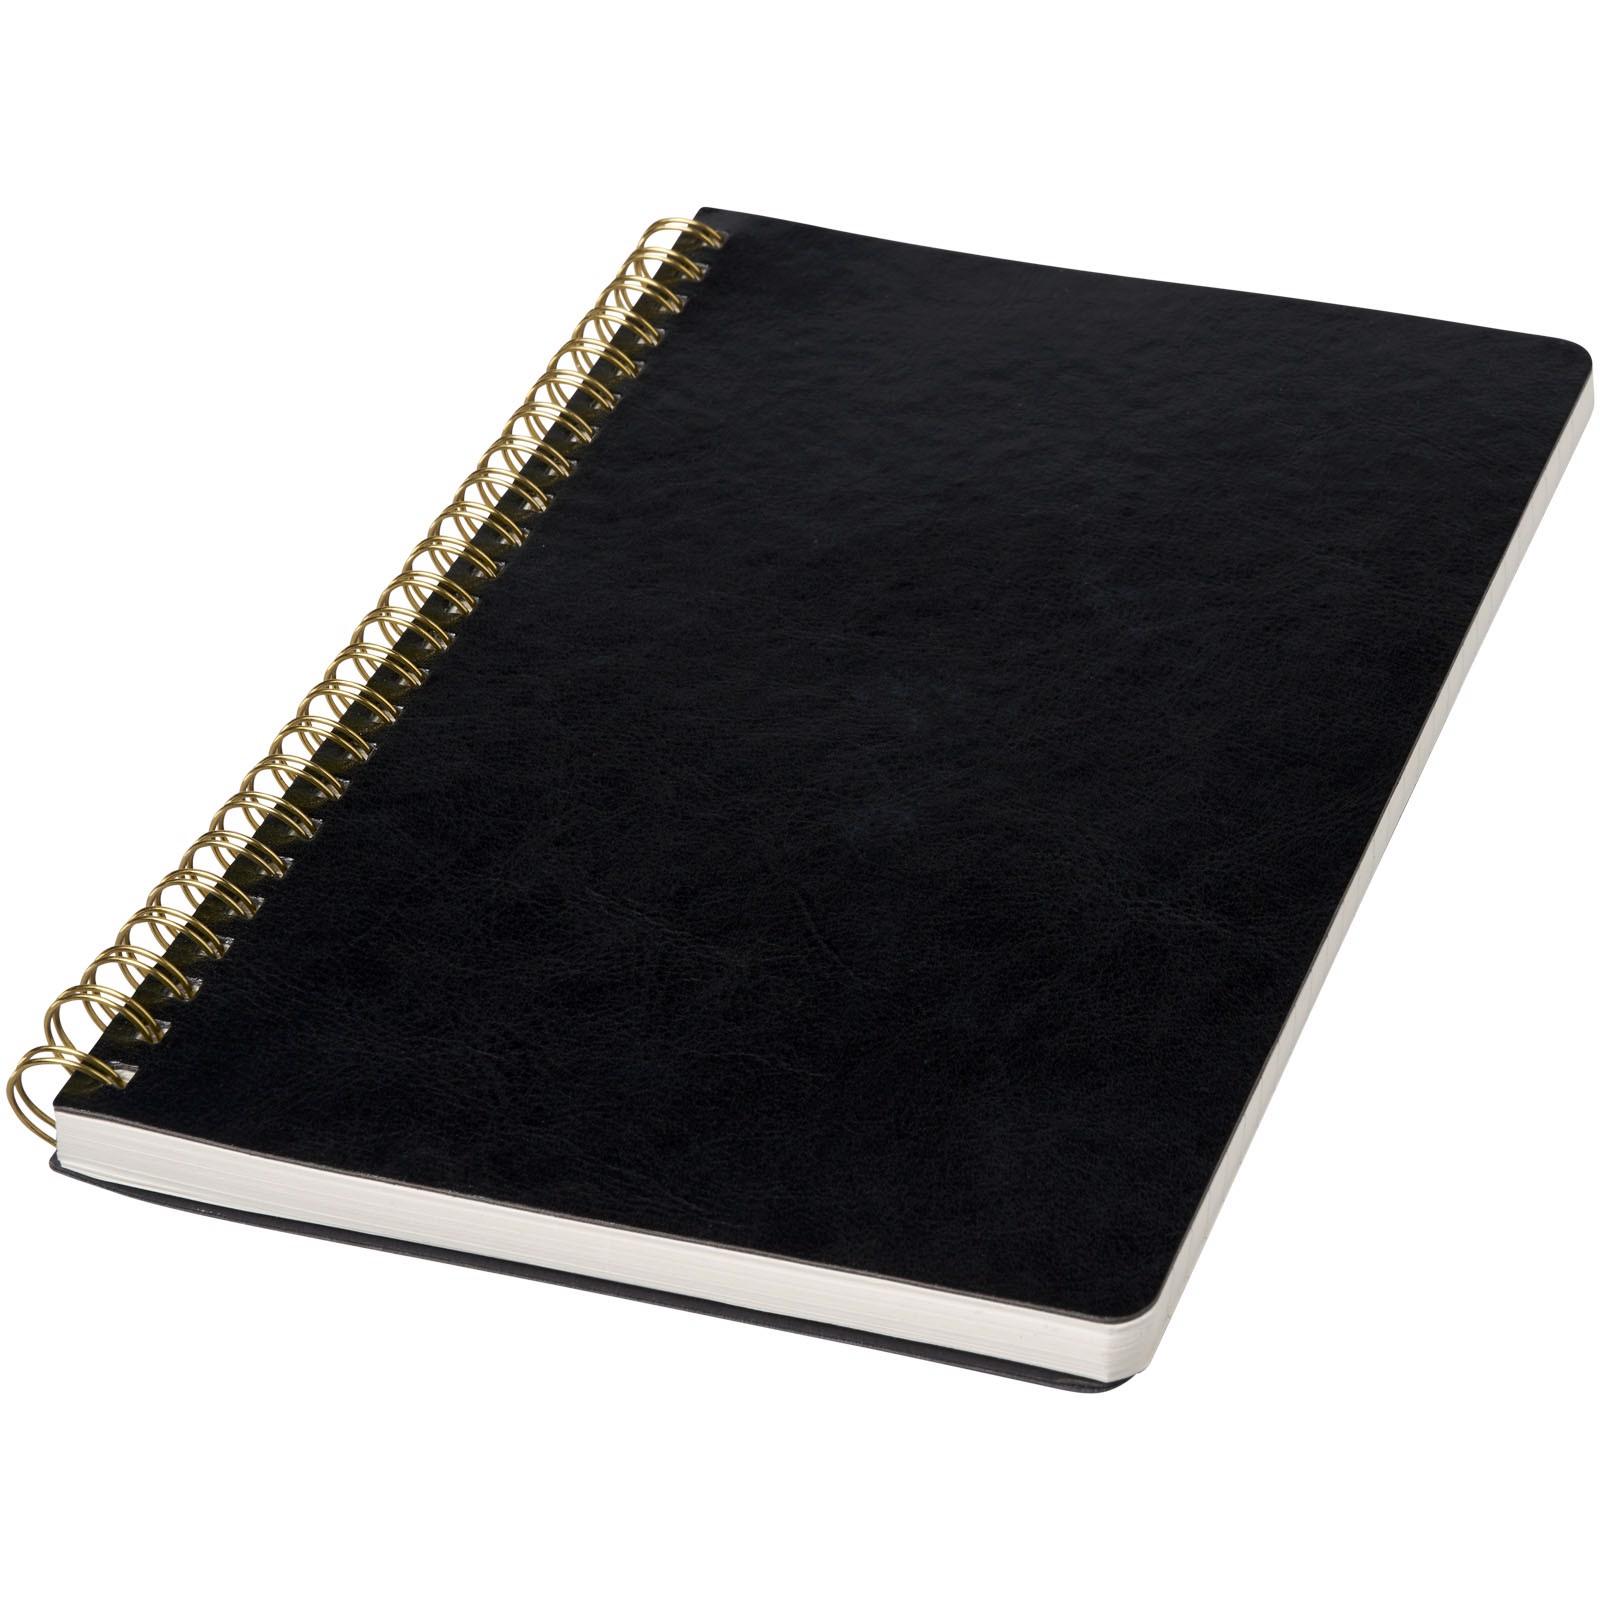 Deník A5 Spiraly s koženým vzhledem - Černá